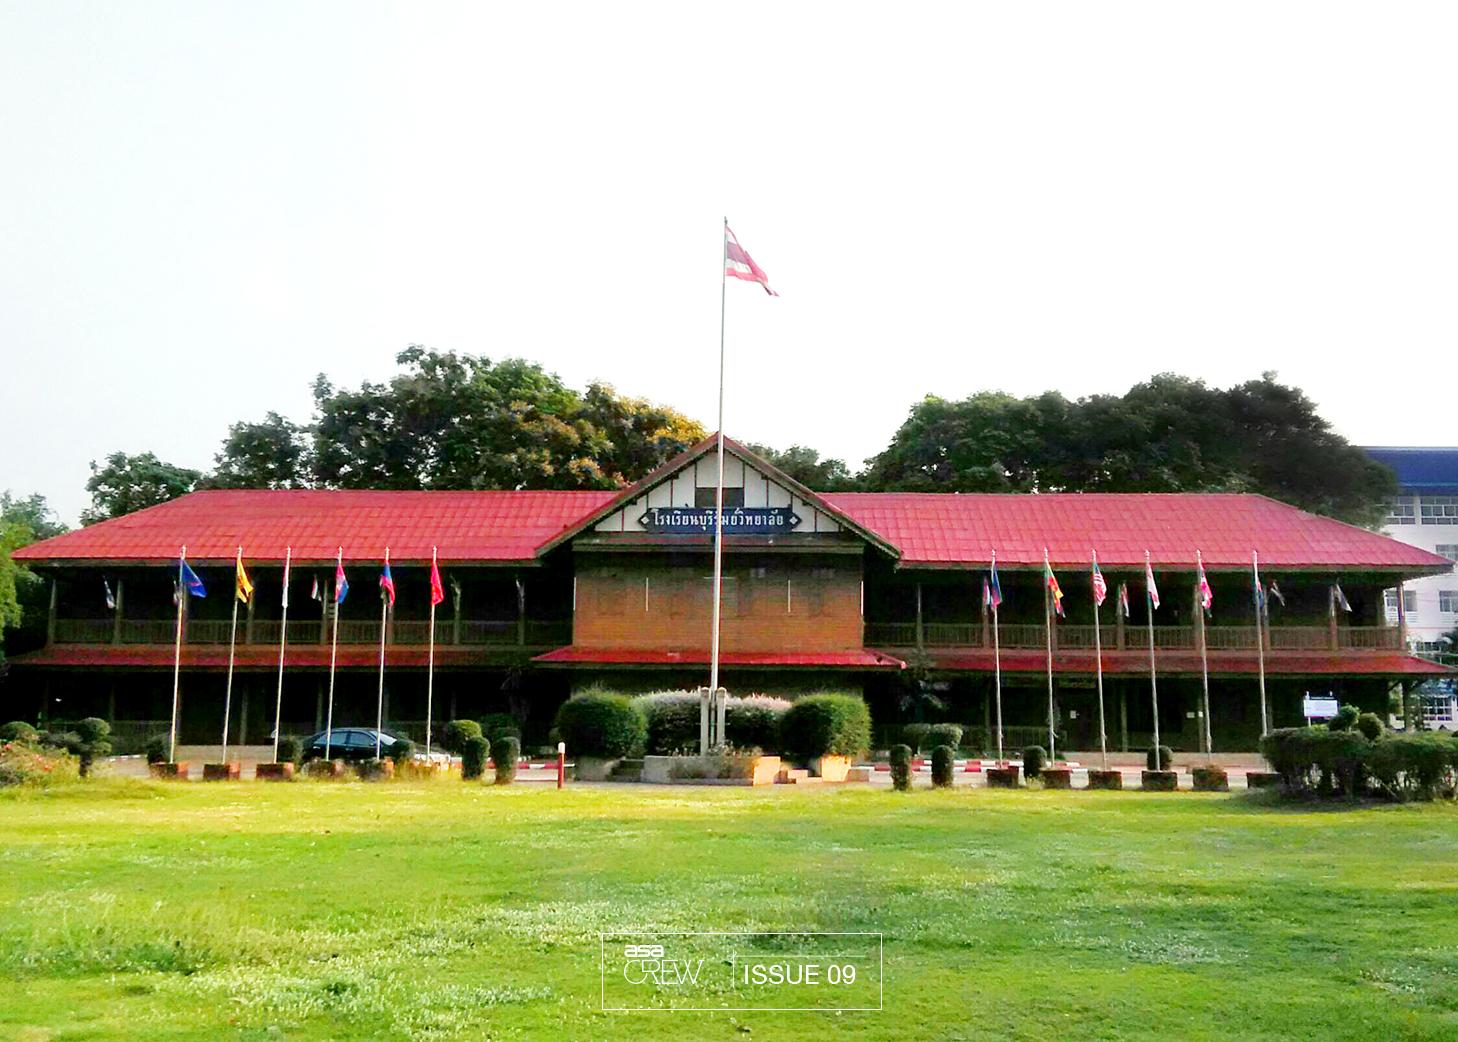 อาคาร 9 โรงเรียนบุรีรัมย์พิทยาคม เรือนไม้เก่ากว่า 70 ปีที่ยังมีลมหายใจ